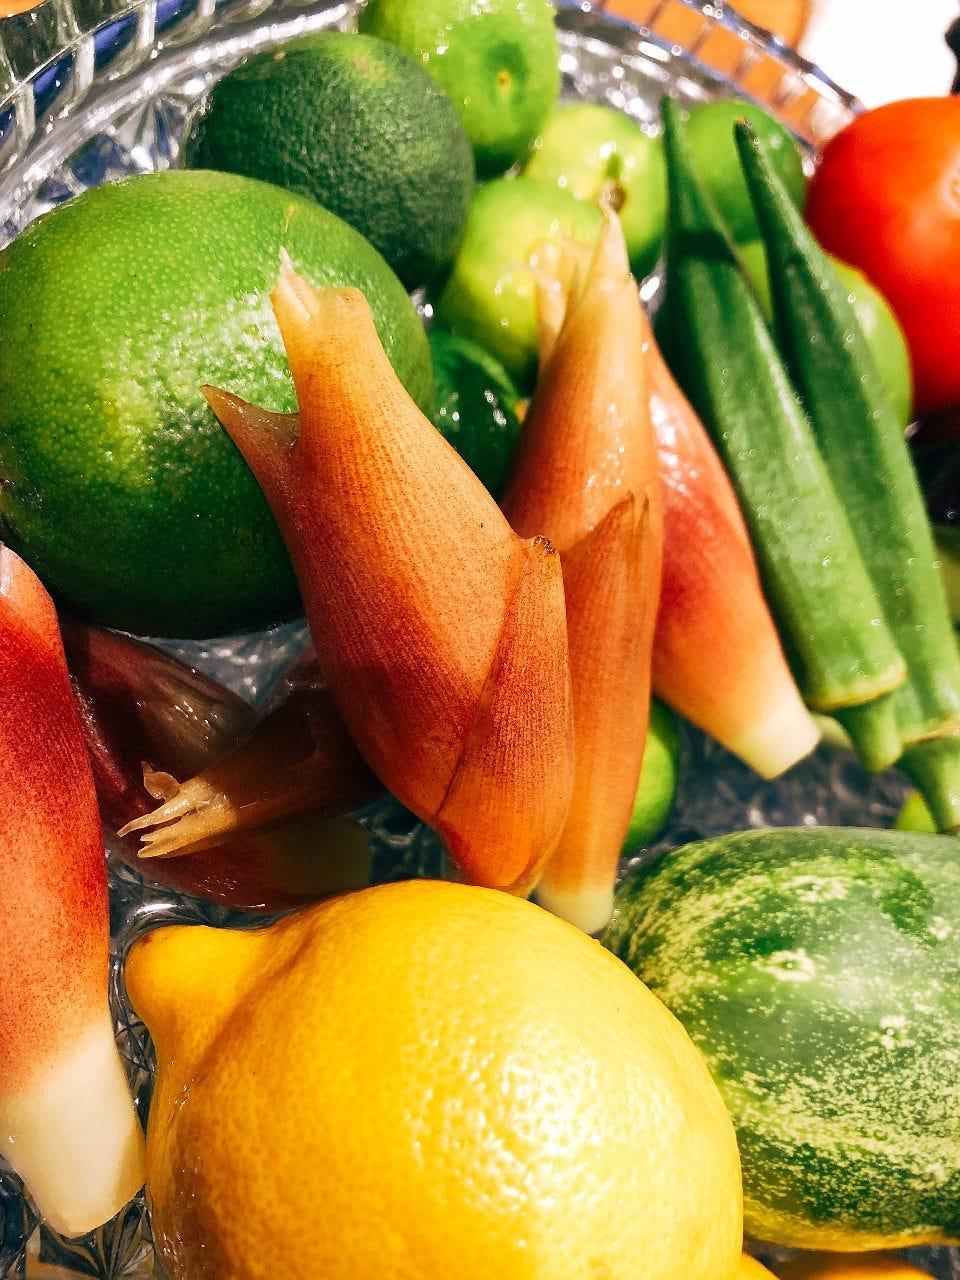 契約農家さんから毎日届く、無農薬野菜がいっぱいです^^